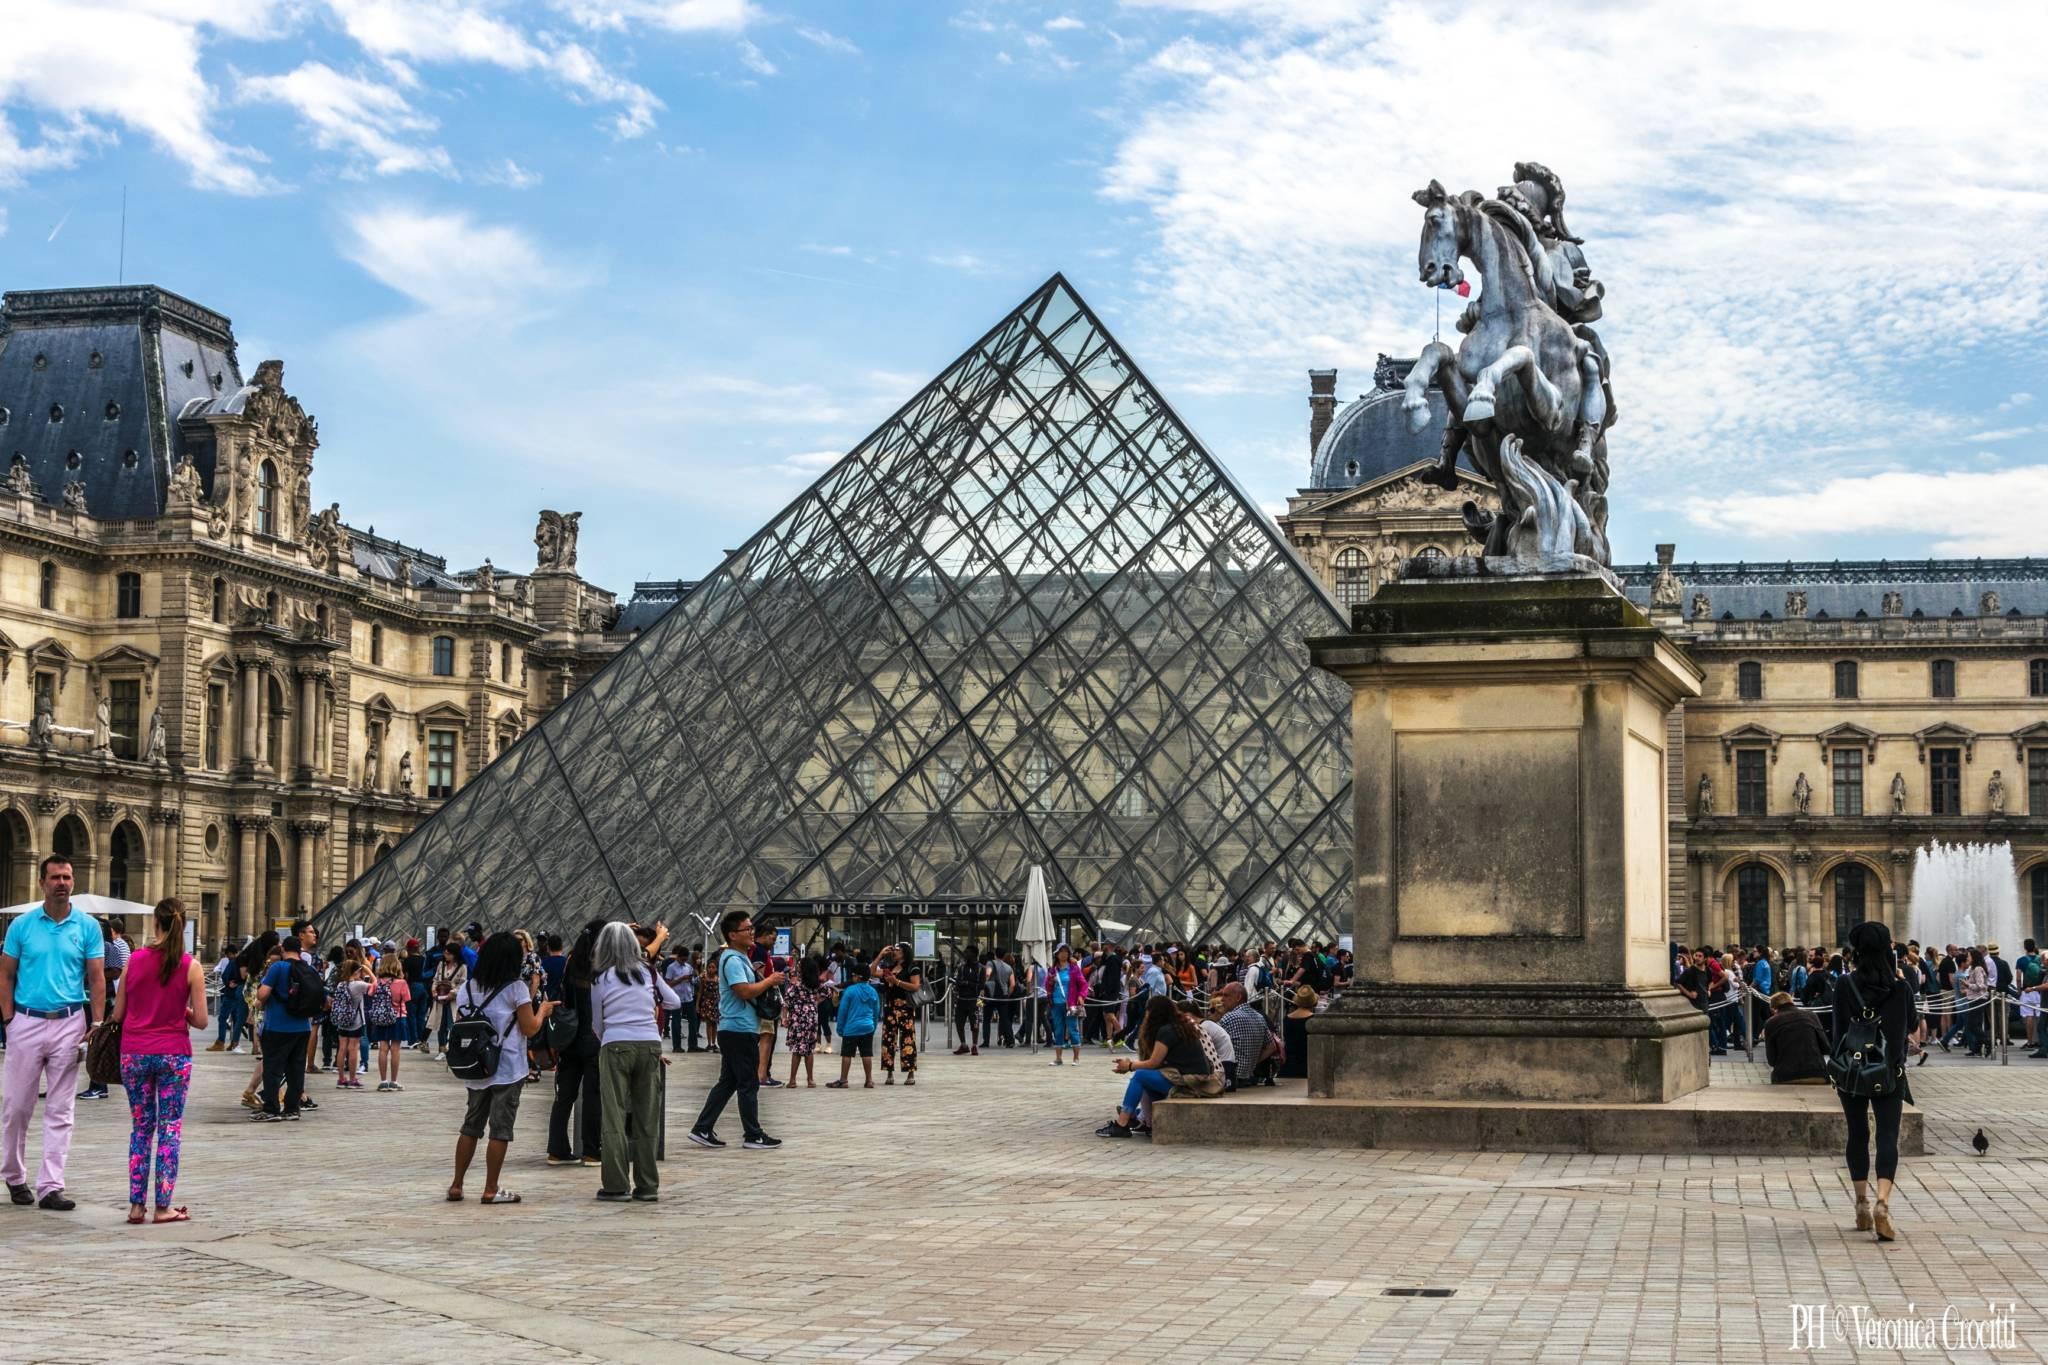 Musée du Louvre - Parigi, Francia